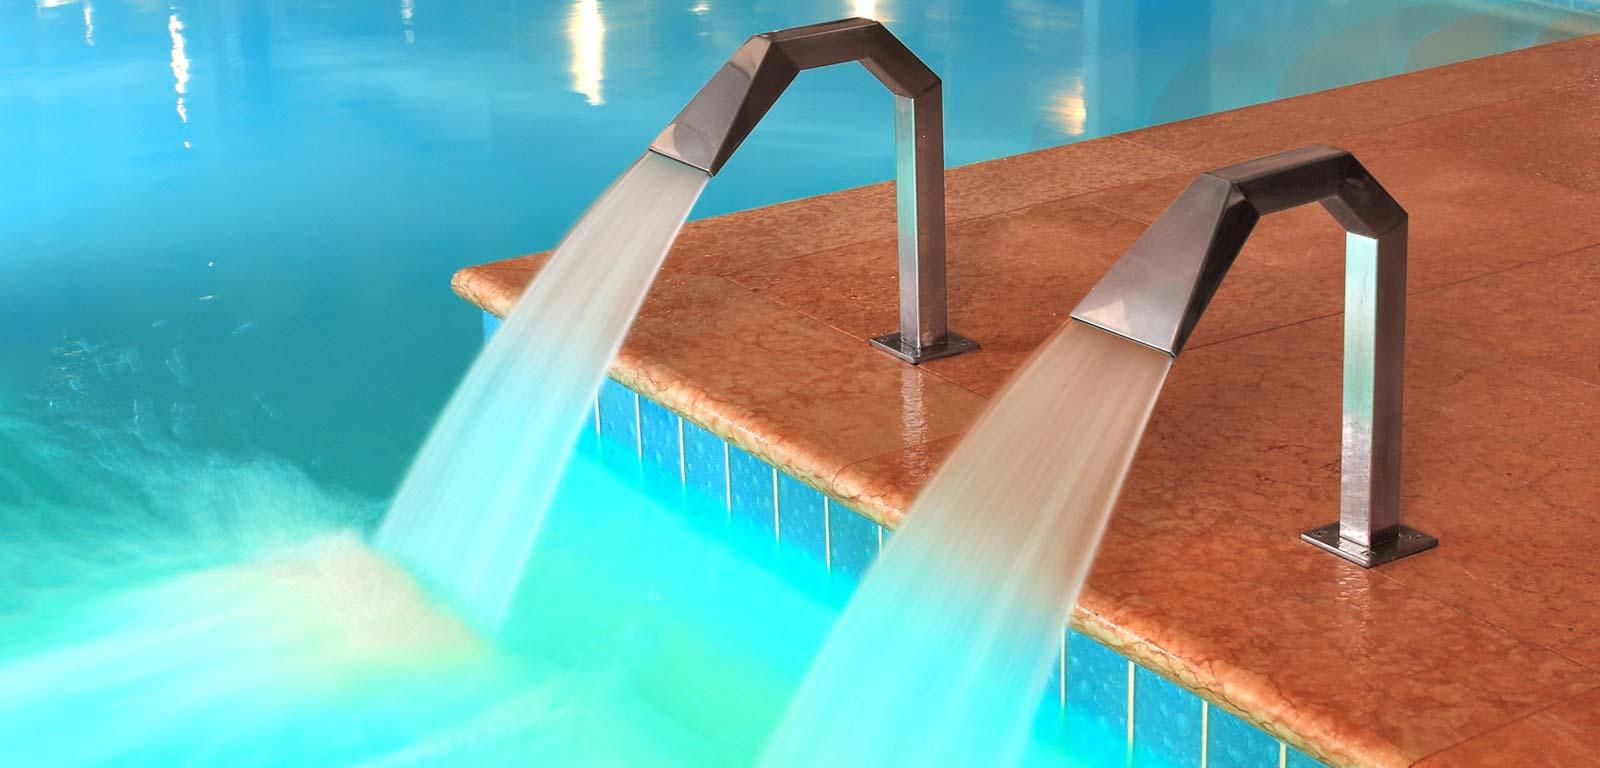 Idromassaggio per piscine piscine castiglione - Lettini per piscine ...